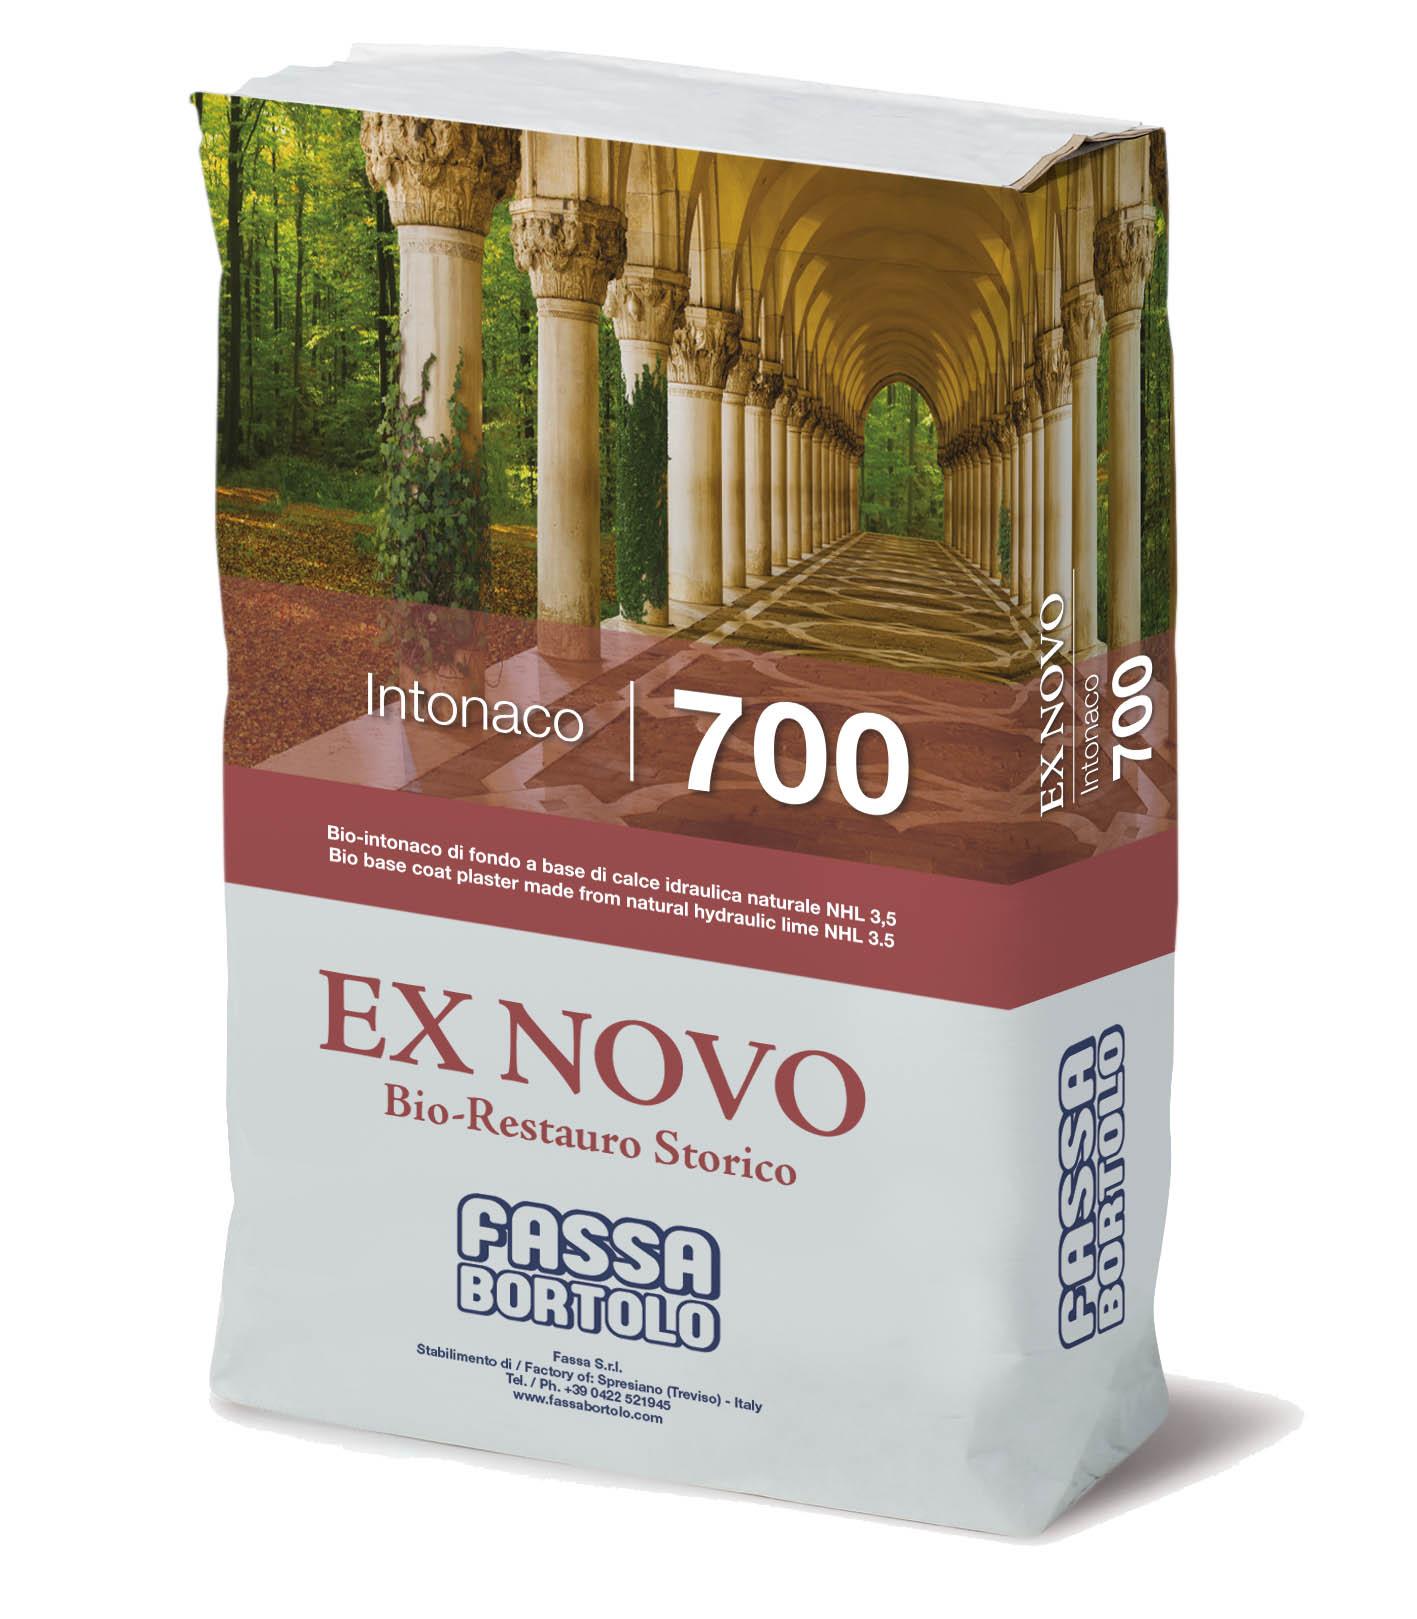 INTONACO 700